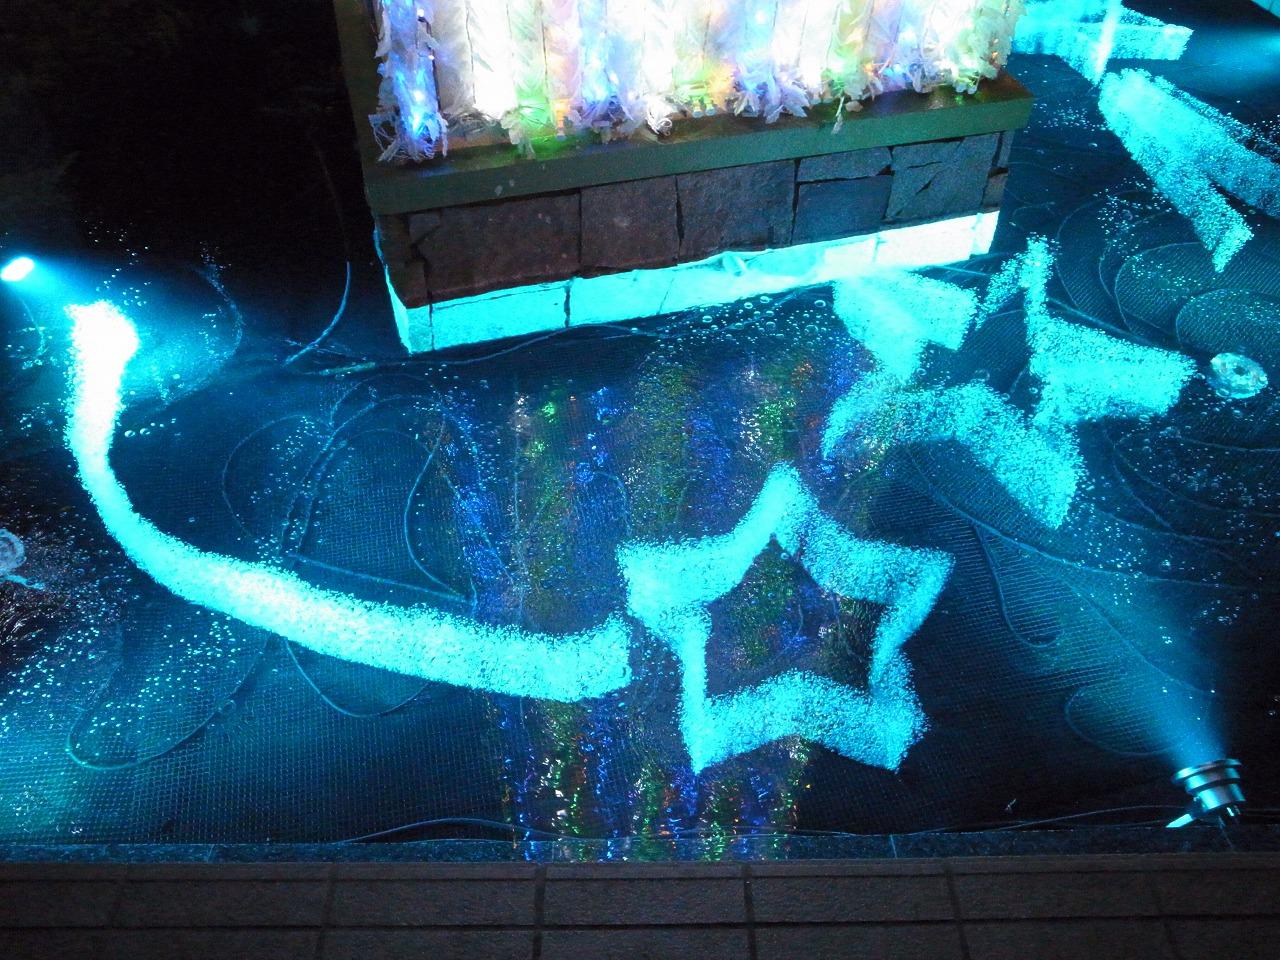 【レンタル噴水】御殿場高原 時之栖 マジックアワー(静岡県)